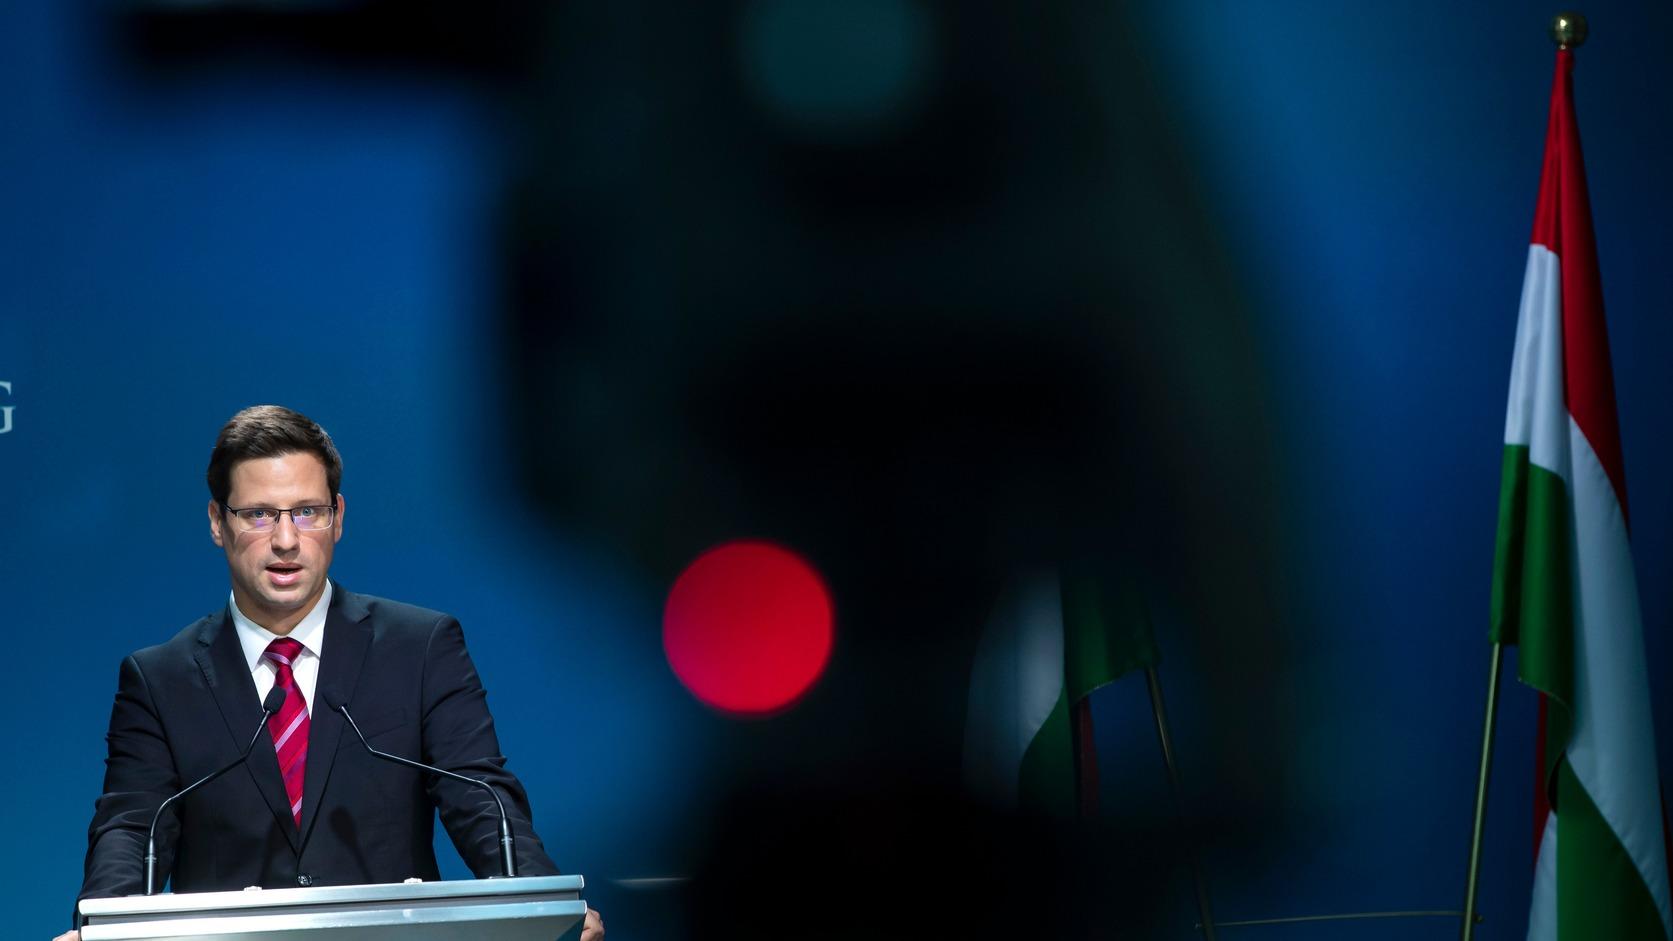 Budapest, 2019. április 18. Gulyás Gergely Miniszterelnökséget vezető miniszter a Kormányinfó sajtótájékoztatón a Miniszterelnöki Kabinetiroda Garibaldi utcai sajtótermében 2019. április 18-án. MTI/Mohai Balázs